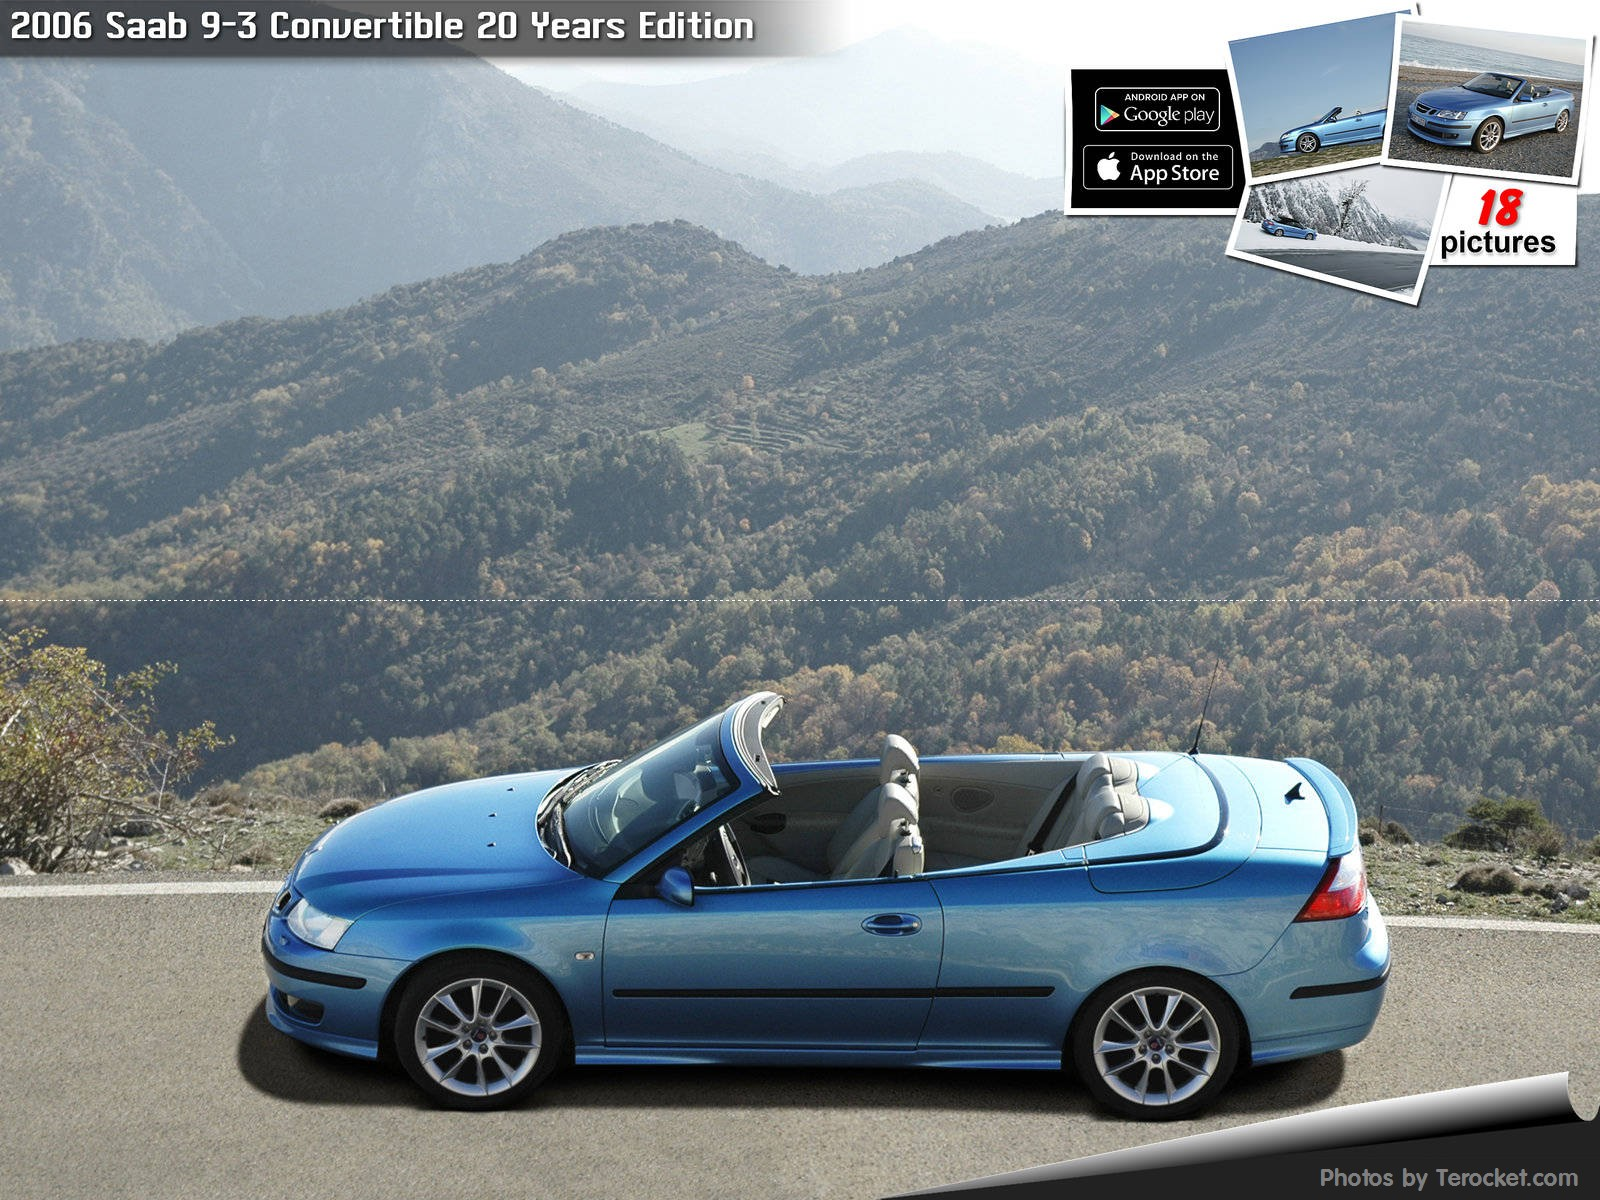 Hình ảnh xe ô tô Saab 9-3 Convertible 20 Years Edition 2006 & nội ngoại thất